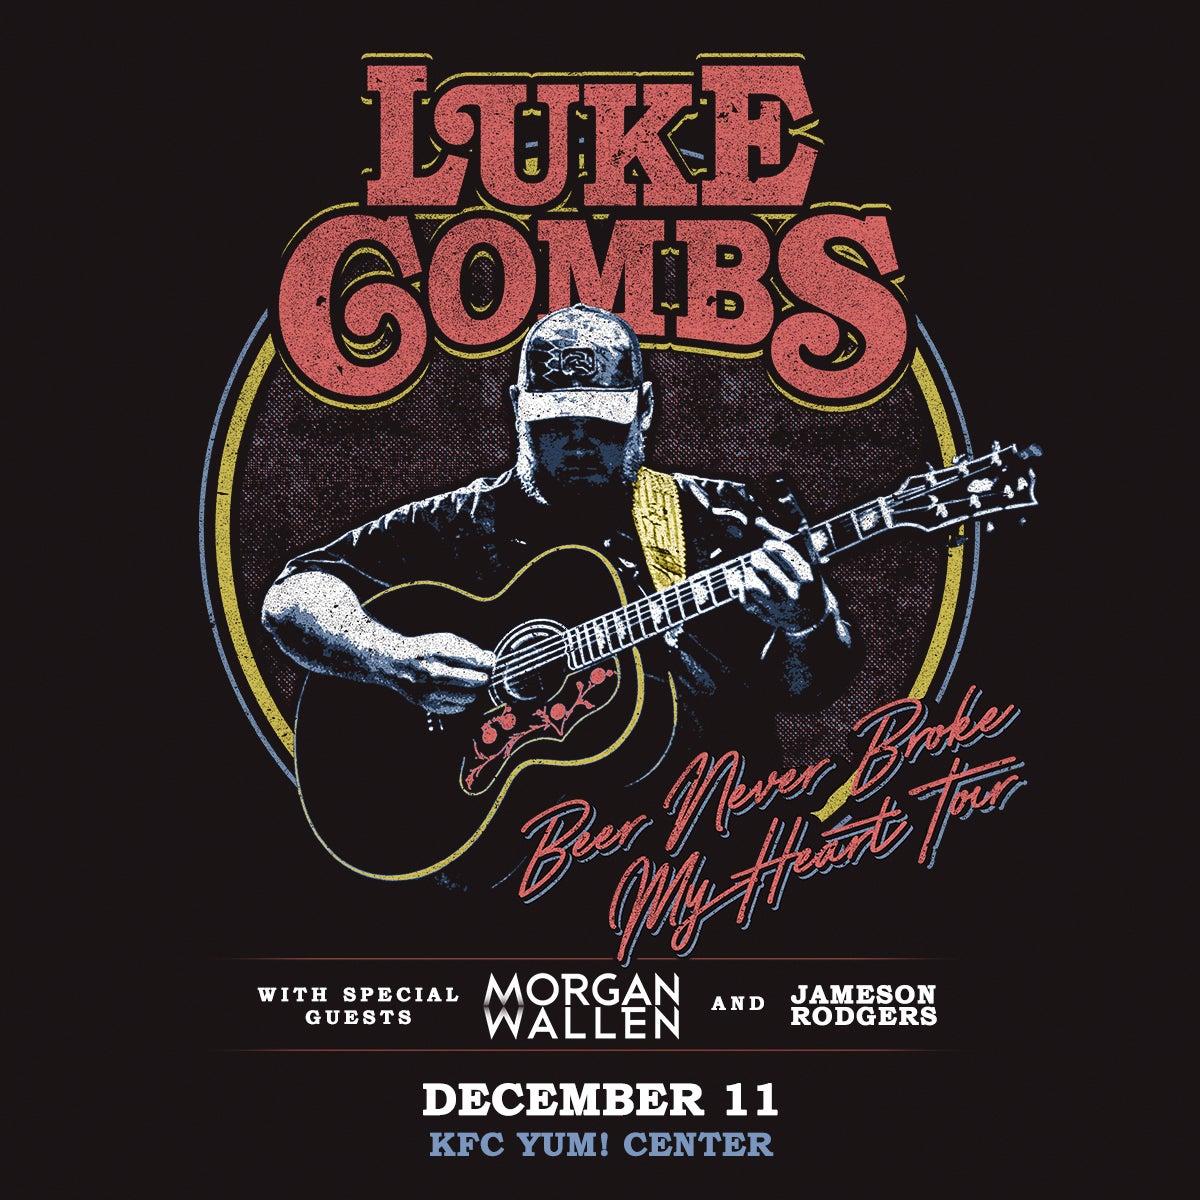 1211-Louisville-LukeCombs-1200x1200.jpg